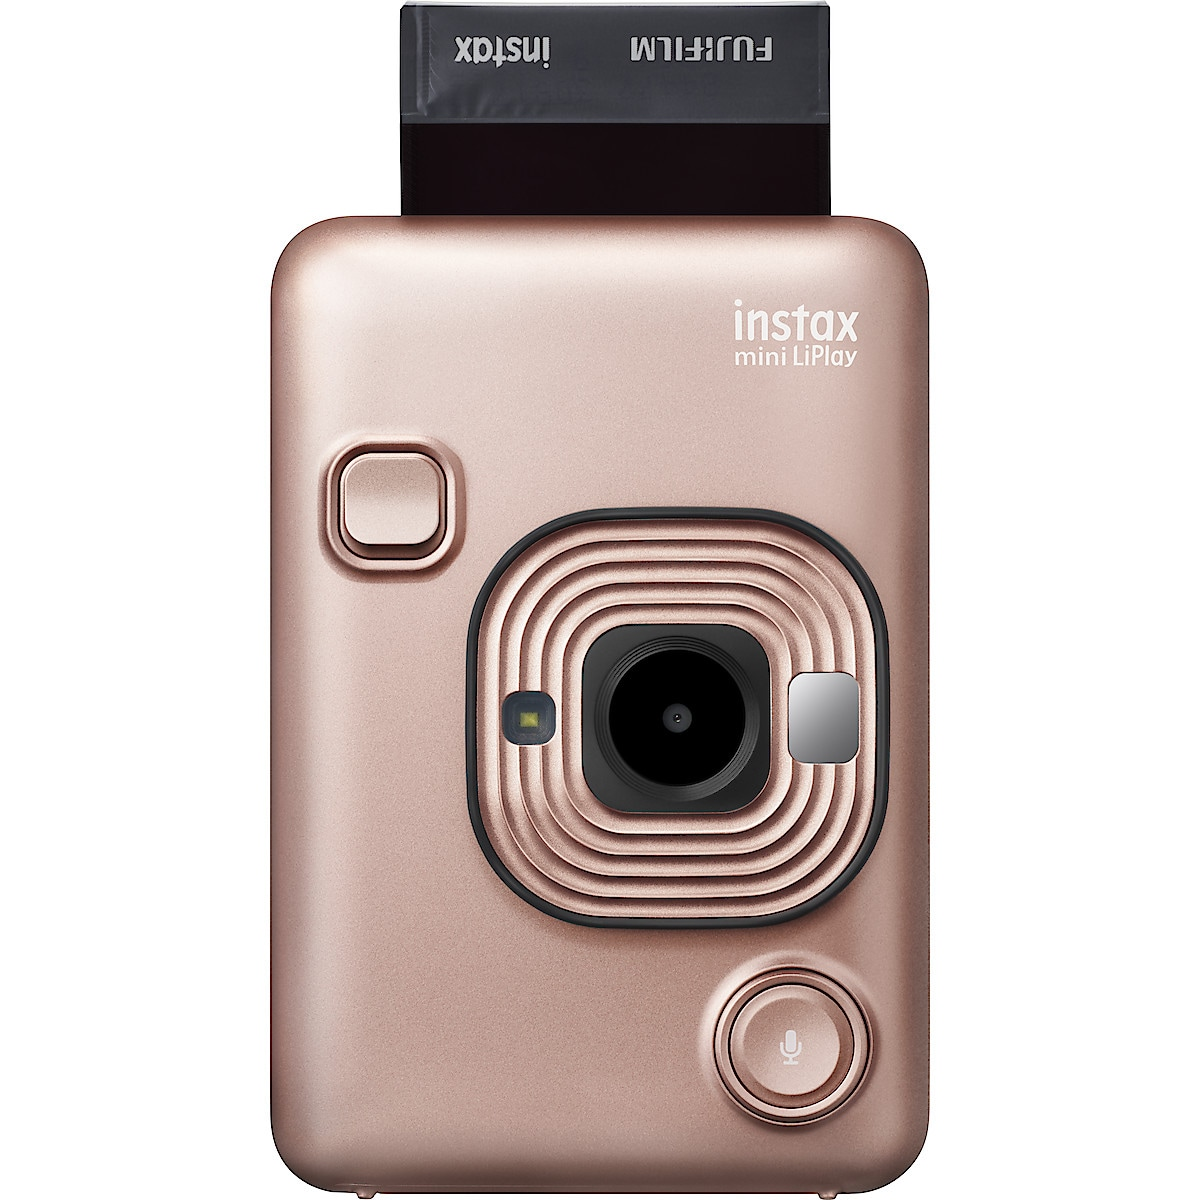 Kamera Fujifilm Instax Mini LiPlay